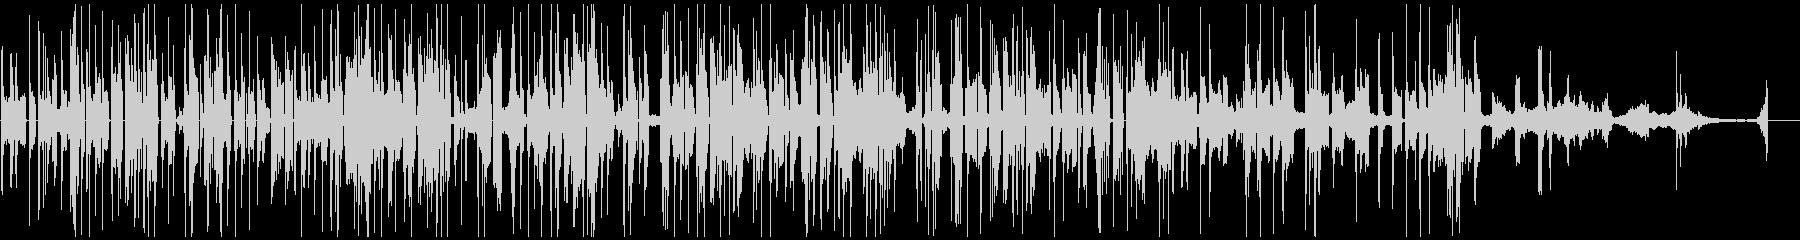 様々な金属音で構成されたテクノポップの未再生の波形